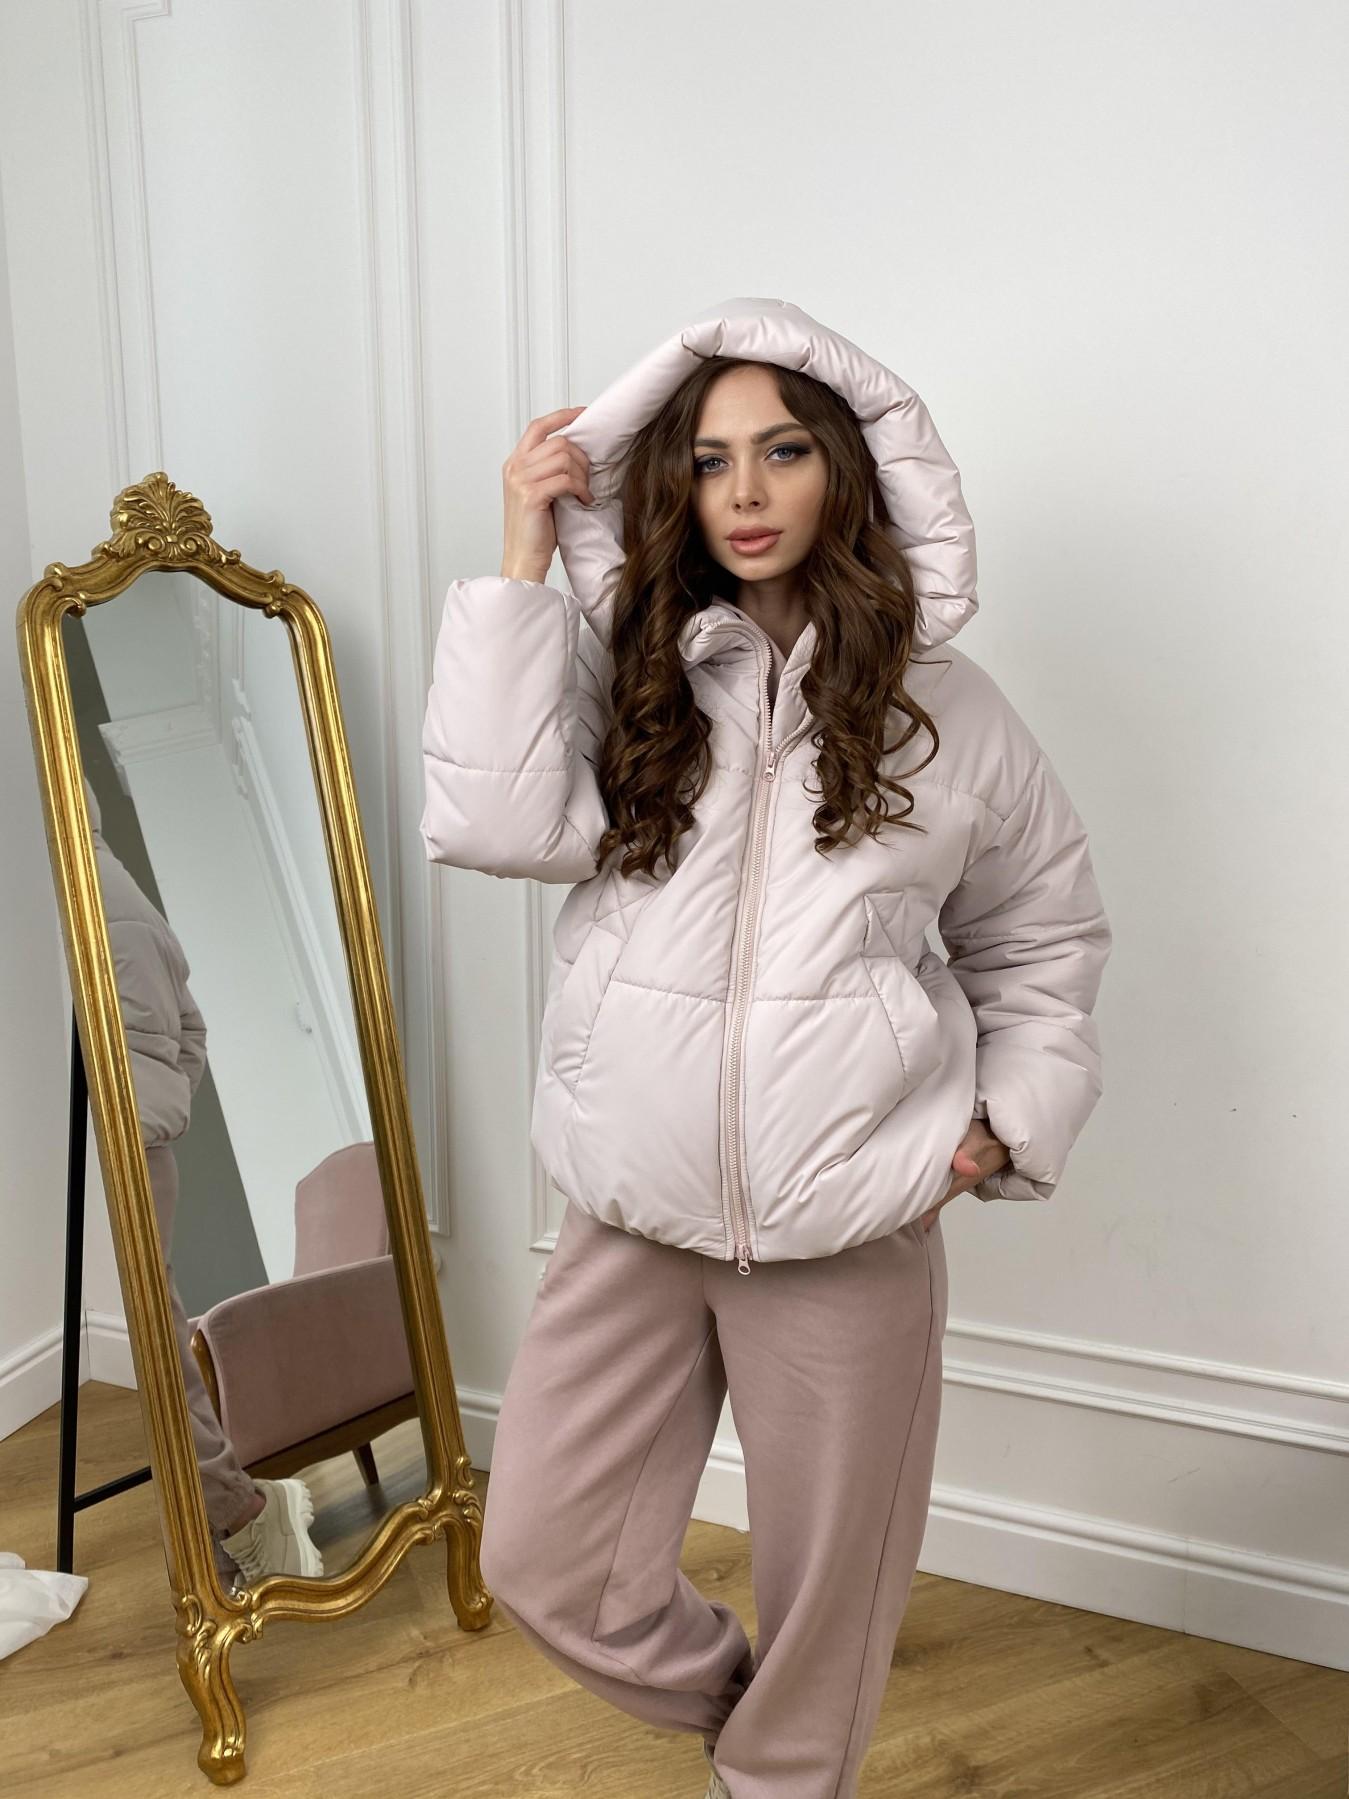 Нокс куртка из плащевой ткани 10535 АРТ. 46973 Цвет: Молоко 970 - фото 9, интернет магазин tm-modus.ru